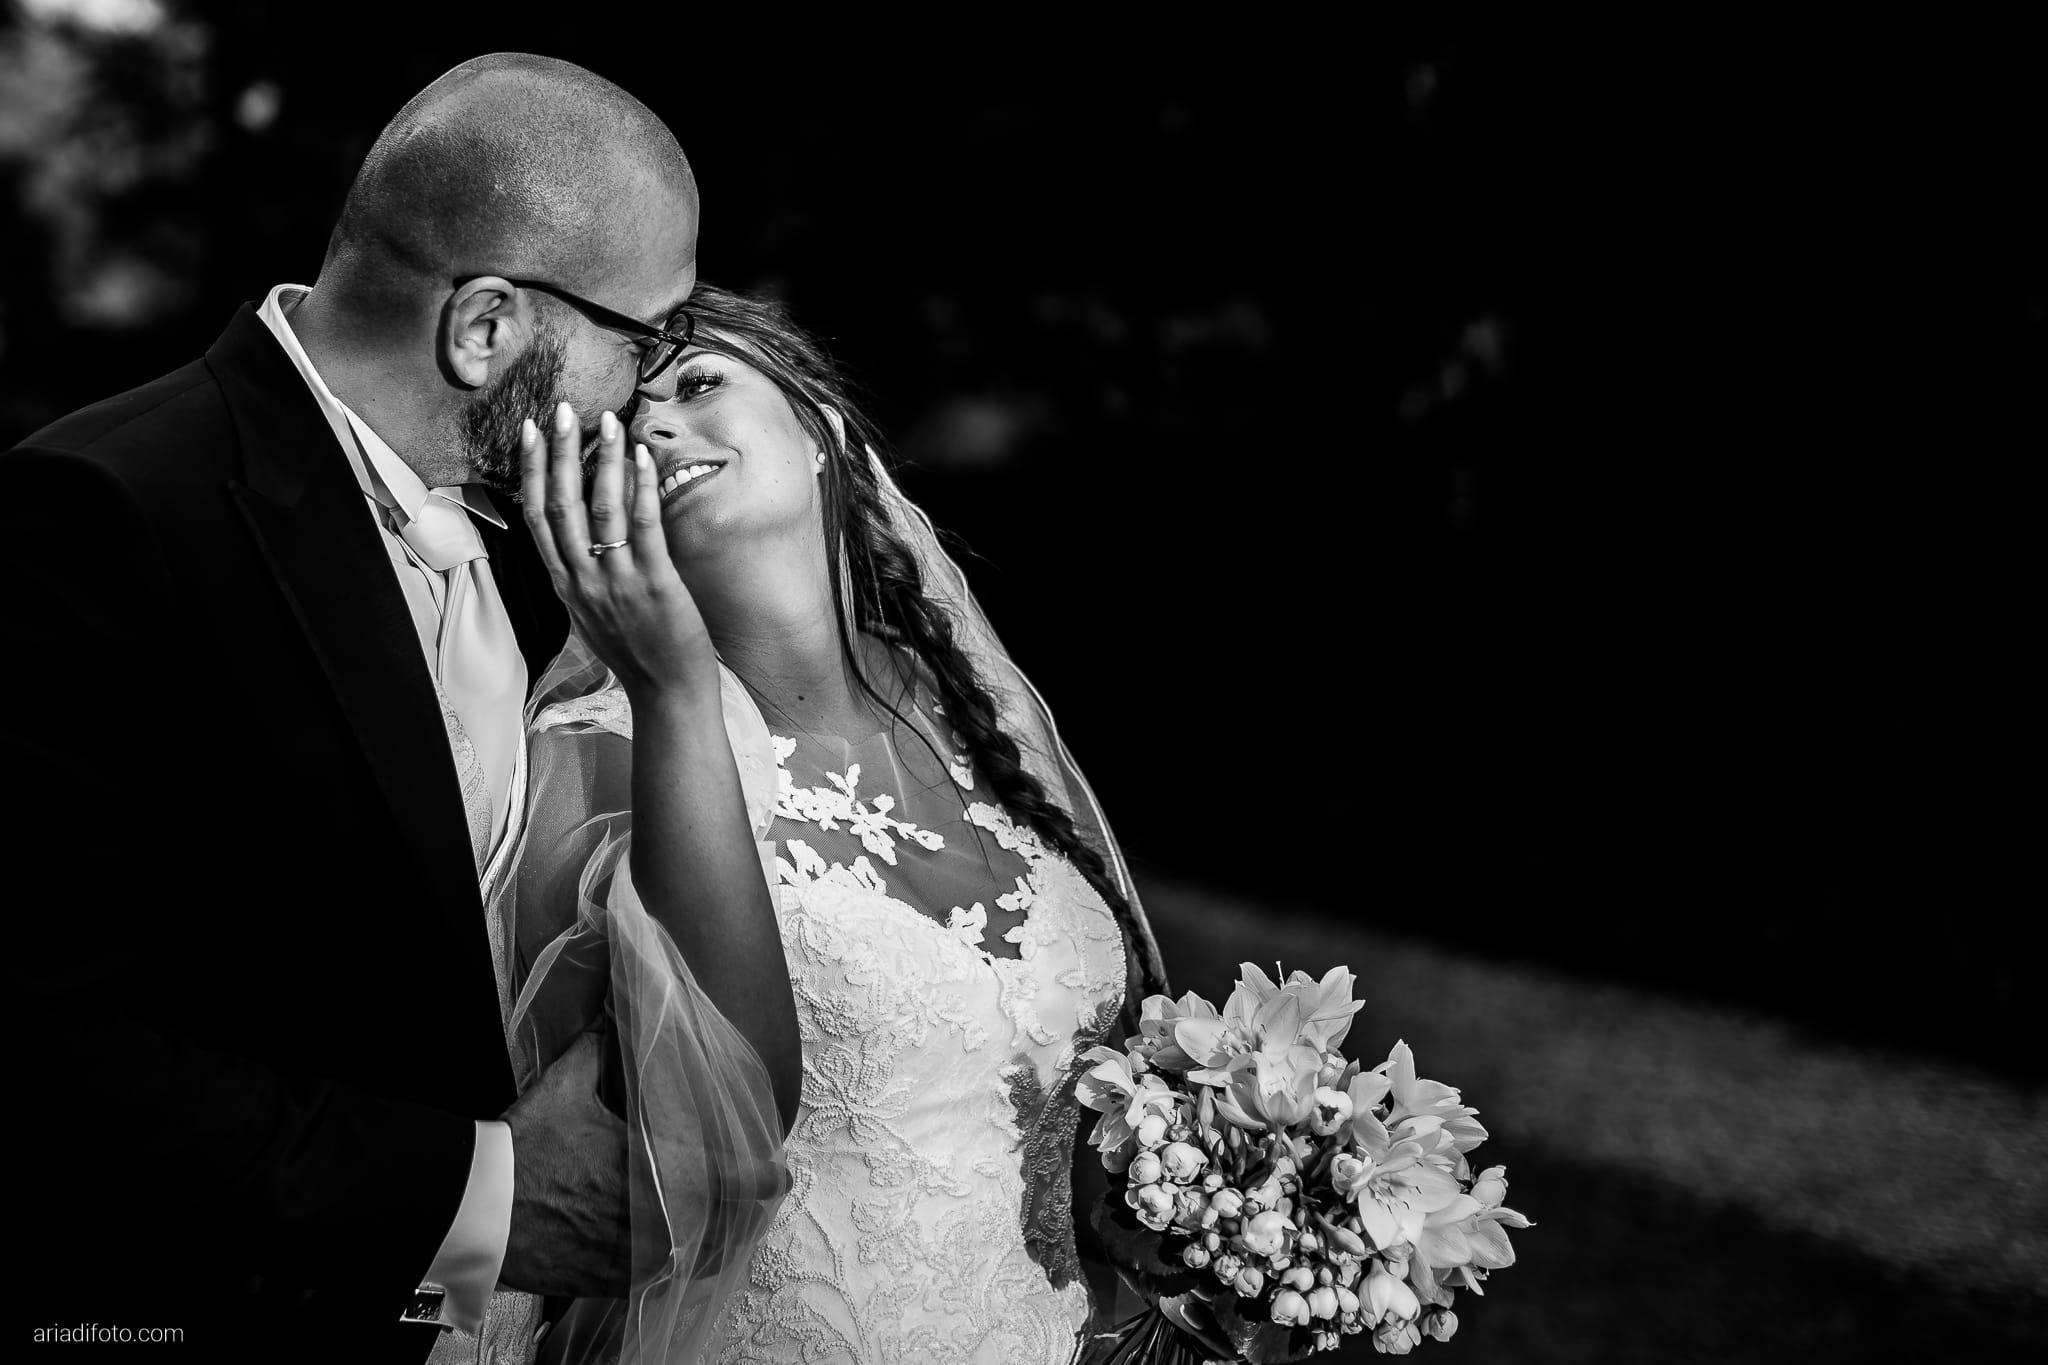 Lavinia Daniele Matrimonio Medea Gorizia Villa Elodia Trivignano Udinese Udine ritratti sposi